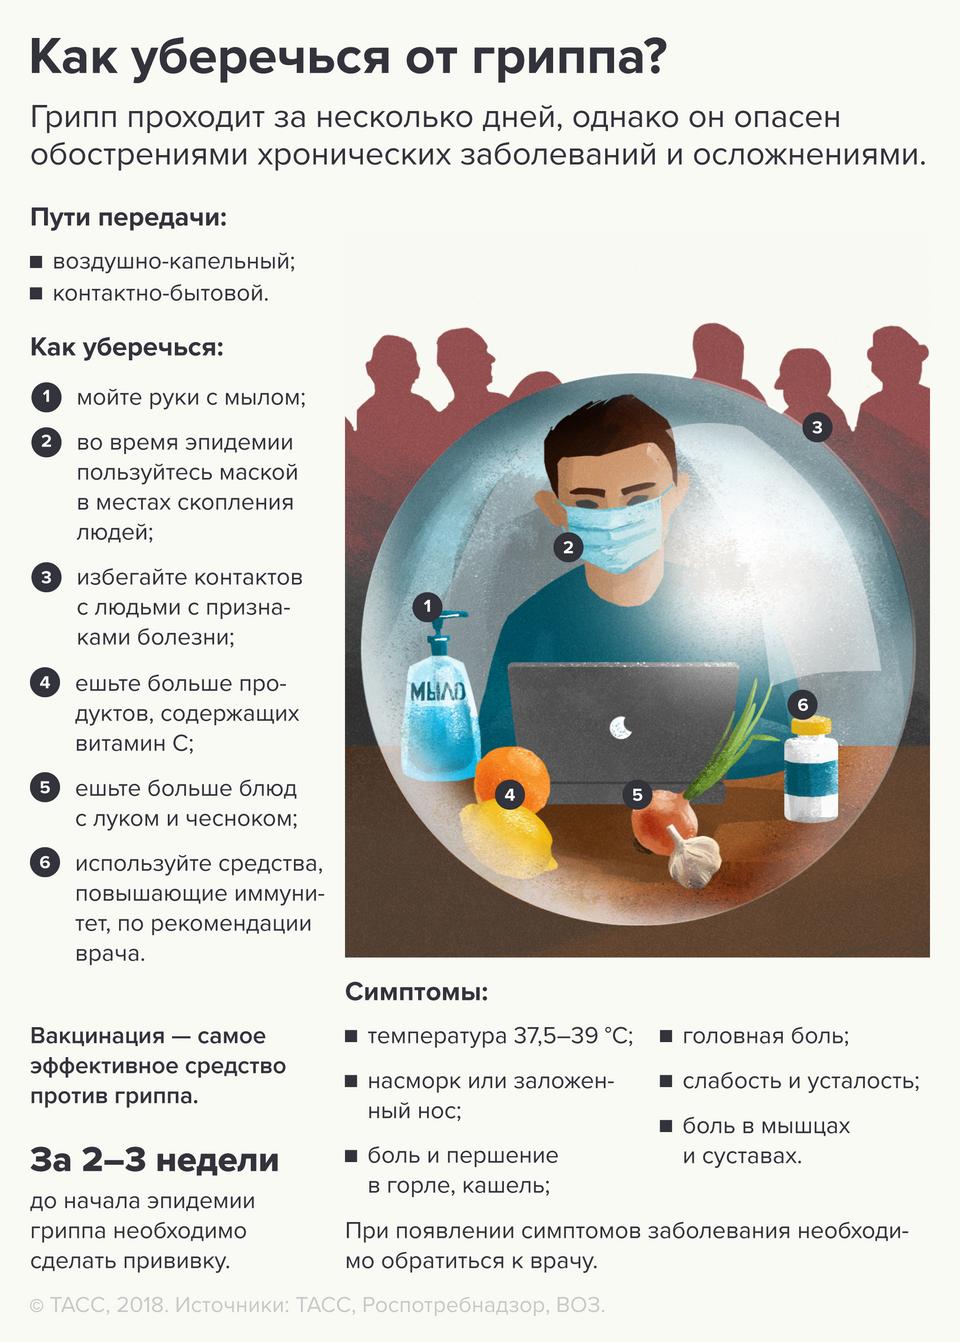 ЦРБ Алатырского района информирует: что такое грипп и какова его опасность